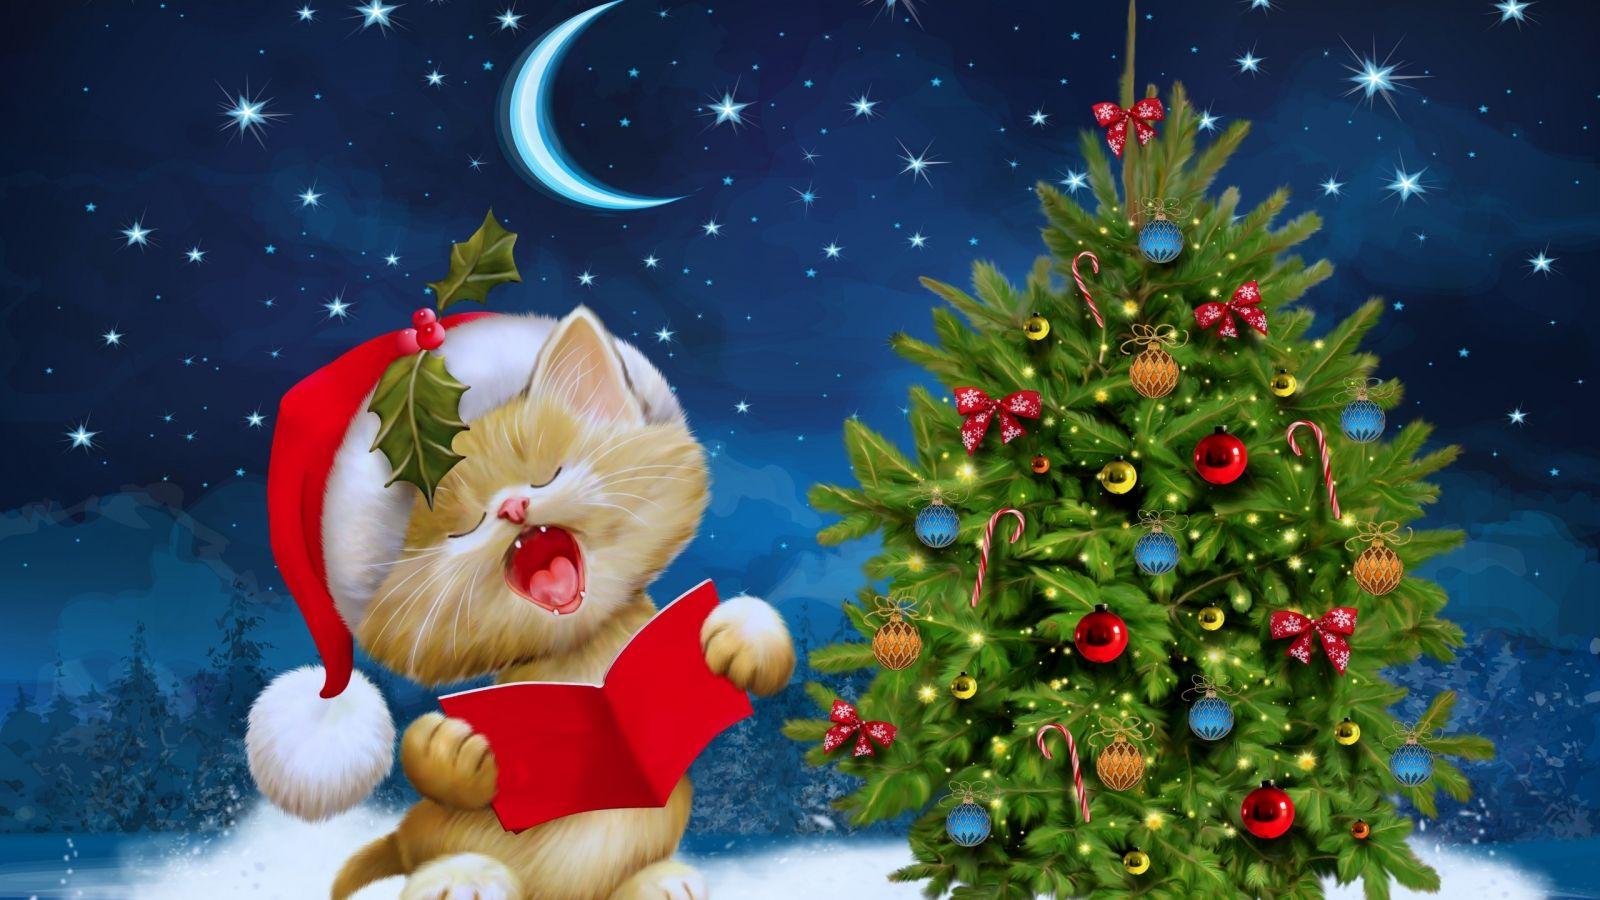 Feliz navidad imagenes pinterest